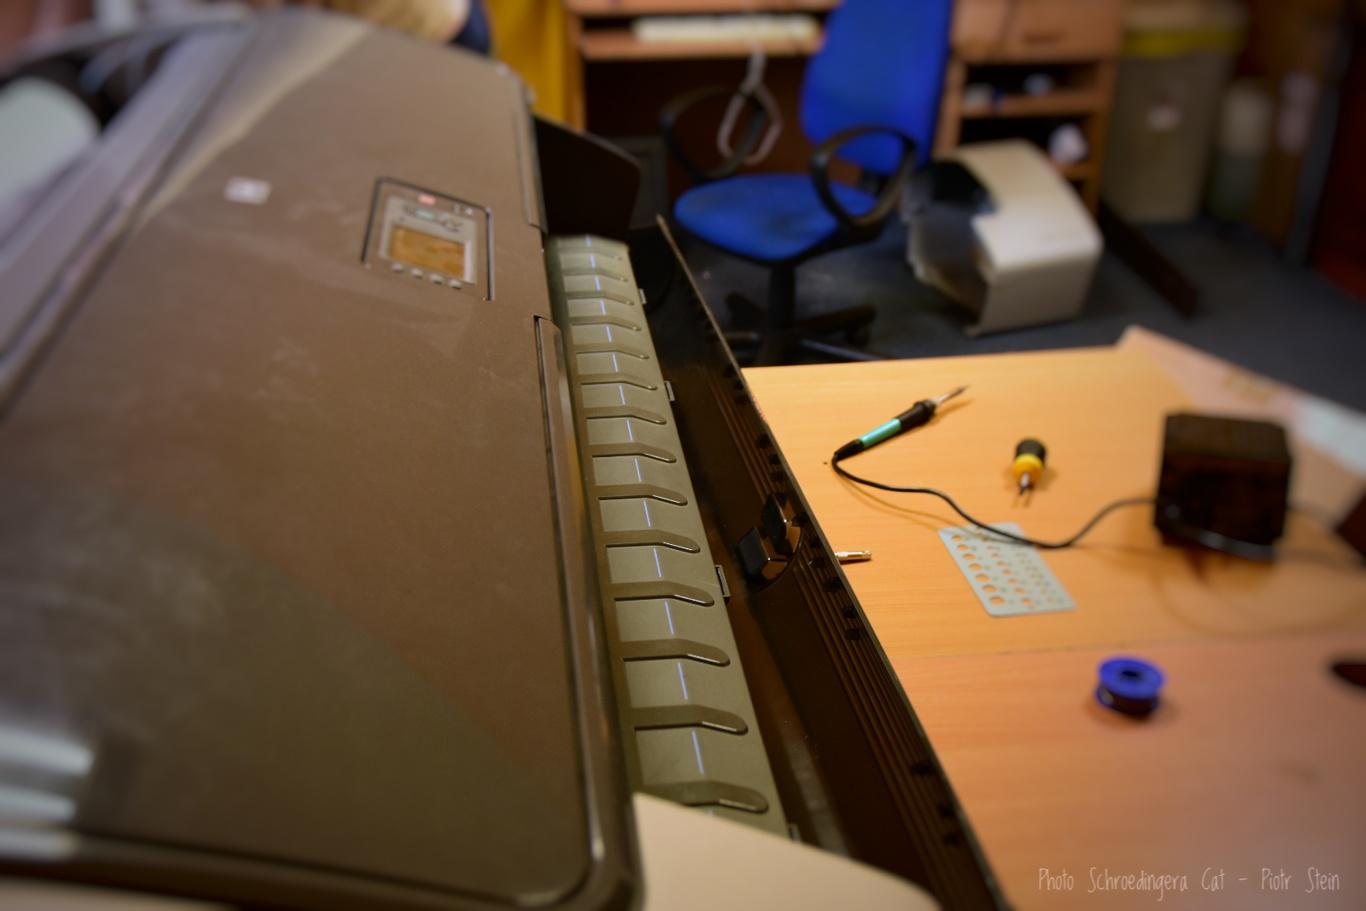 Serwis ploterów i techniczna obsługa. © Zdjęcie za zgodą Akte.com.pl i autora @PhotoSchroedingerCat https://akte.com.pl/naprawa-ploterow-hp/